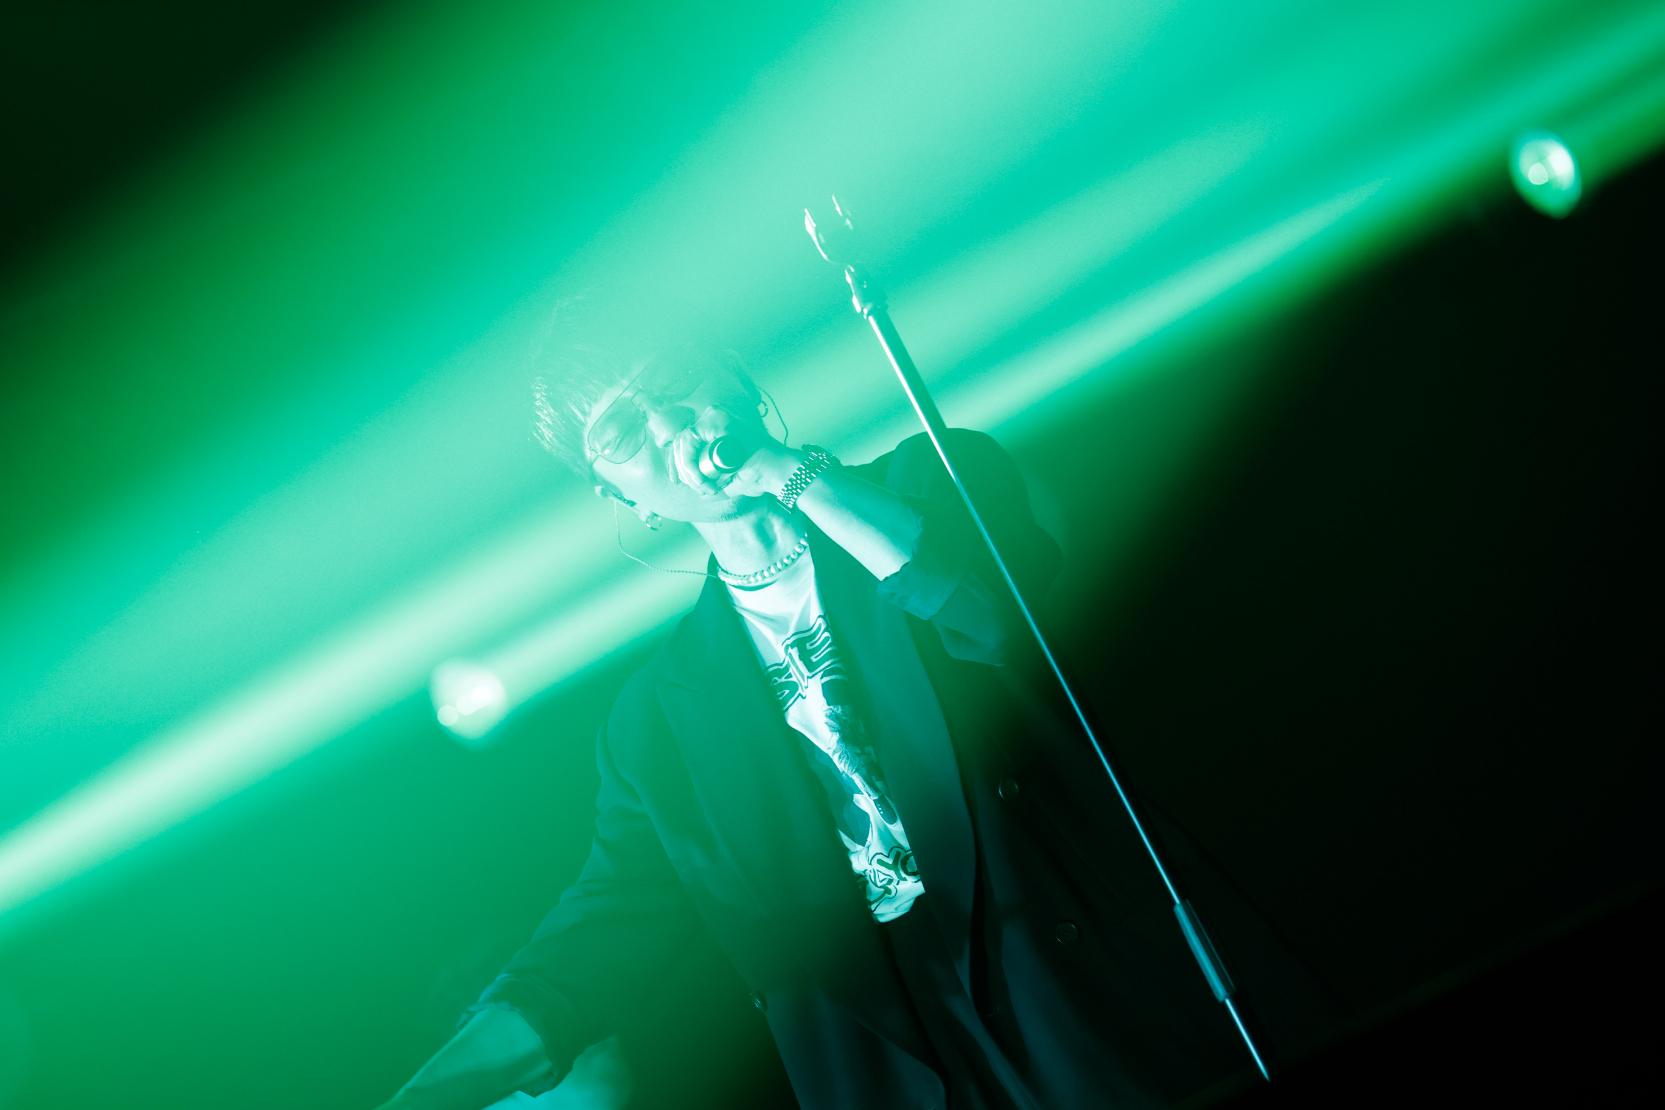 Nulbarich photo by Tsukasa Miyoshi (Showcase)